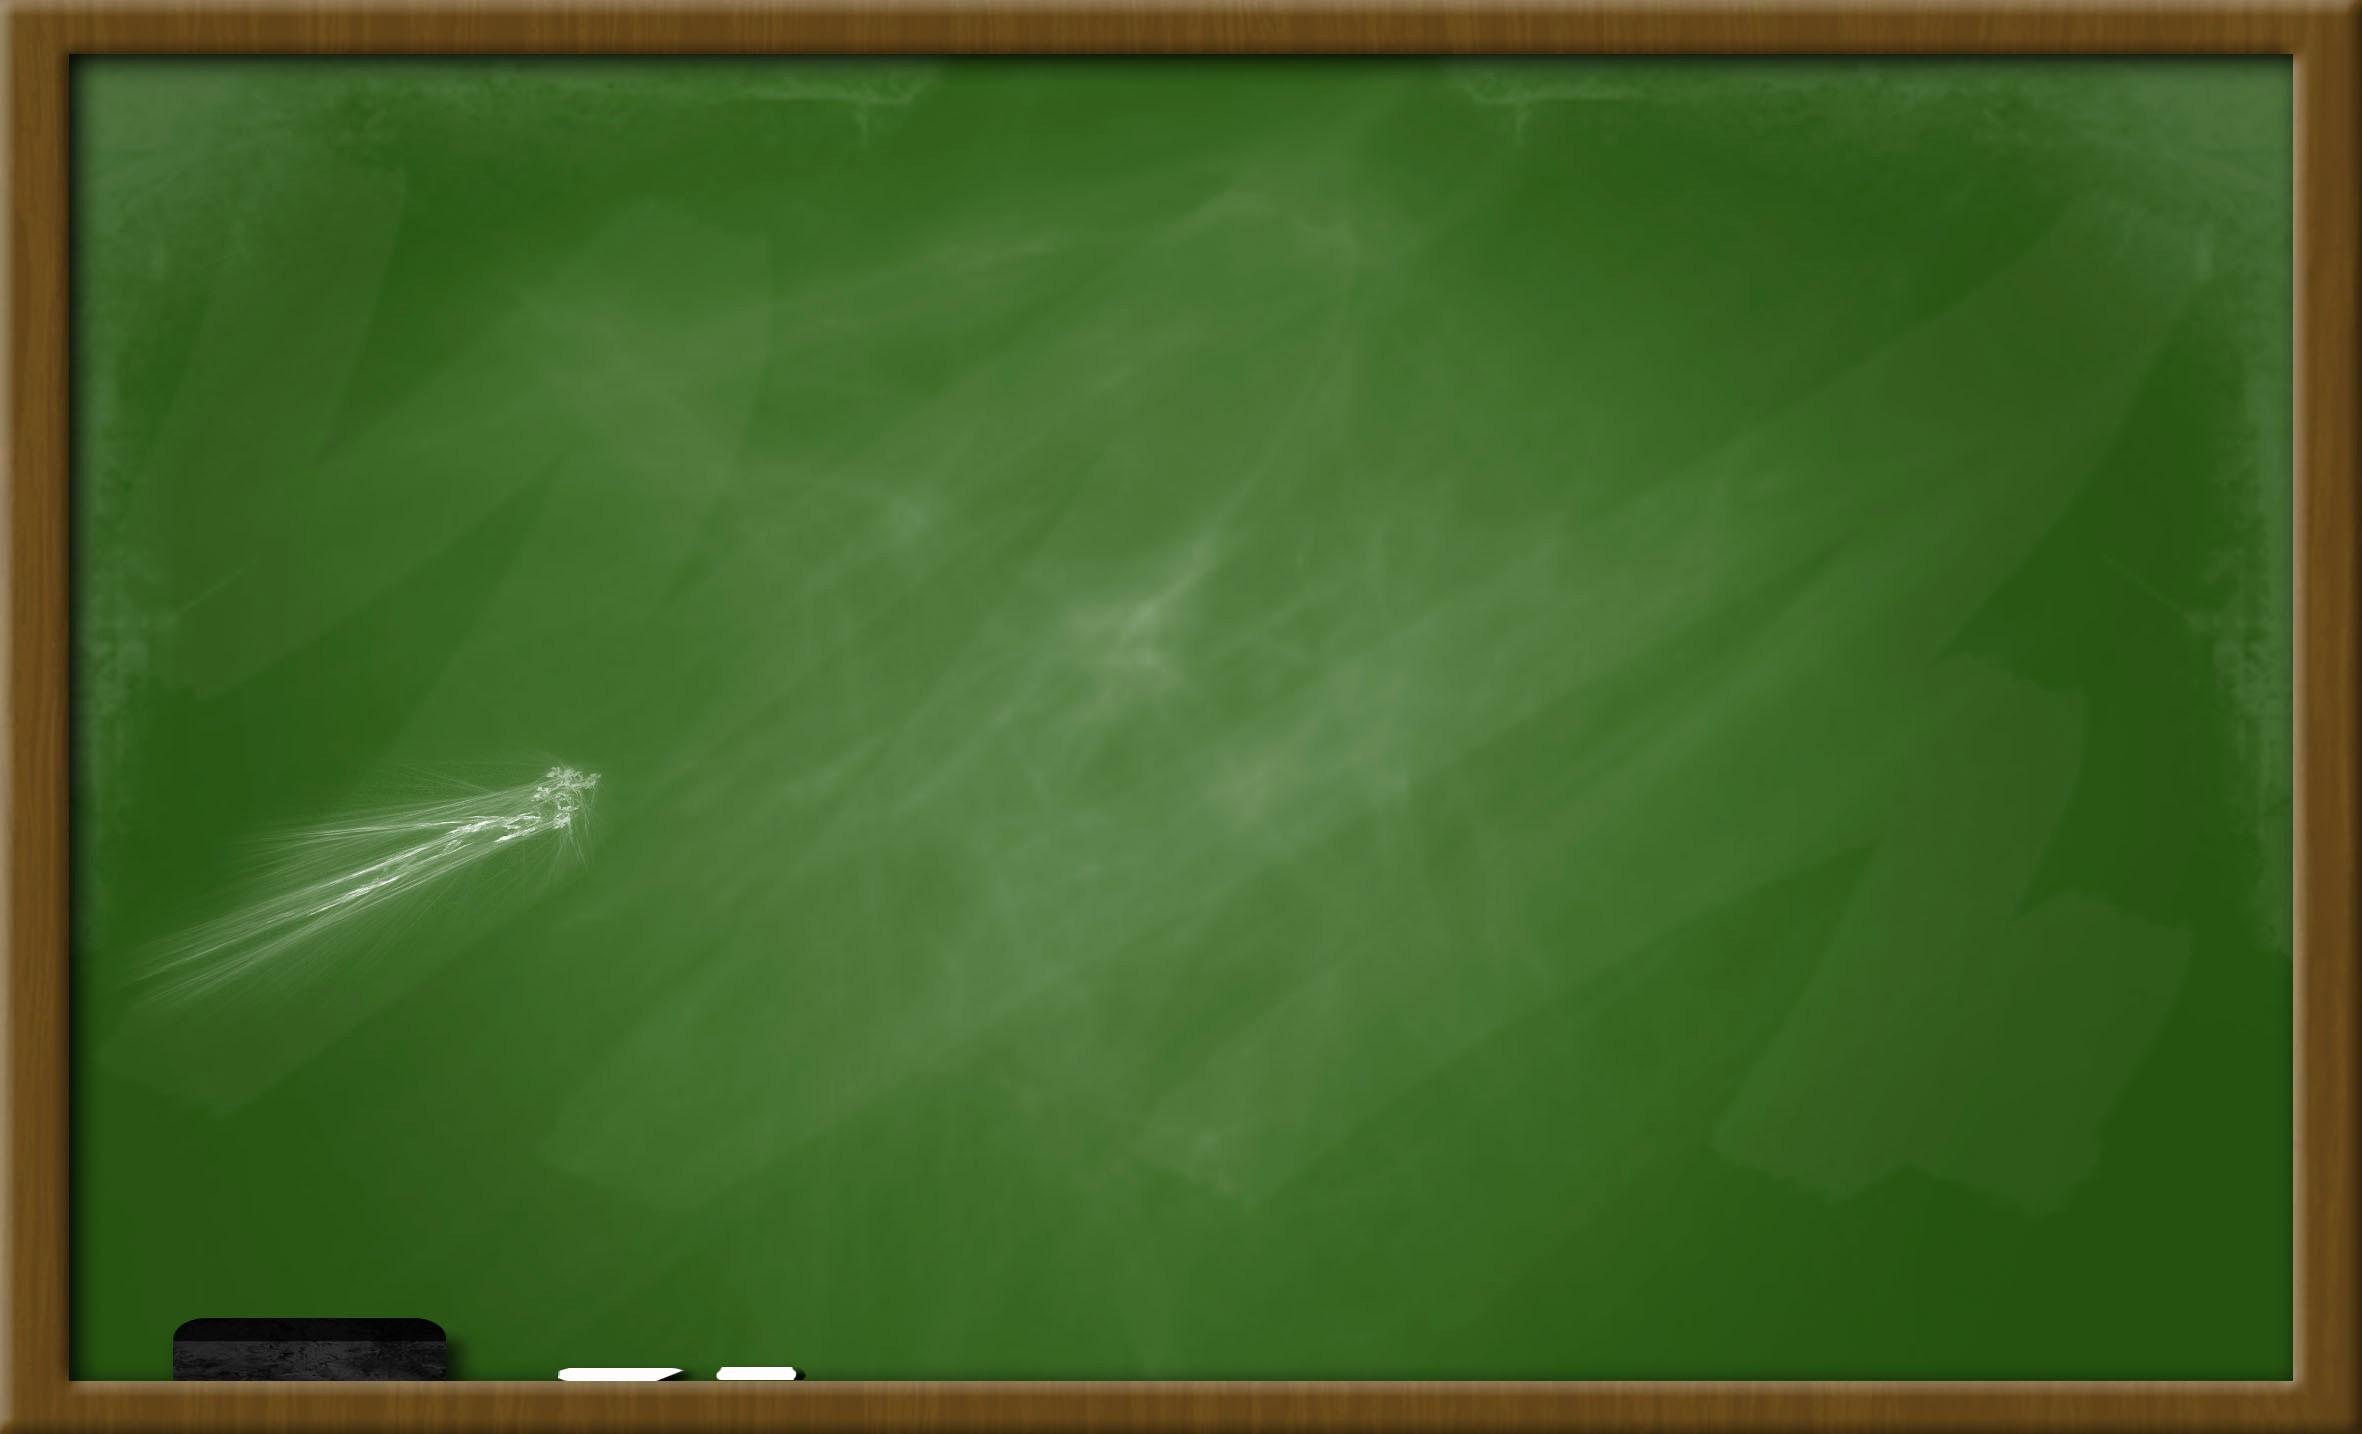 Chalkboard Powerpoint Template Free Download Awesome Chalkboard Backgrounds Free Download